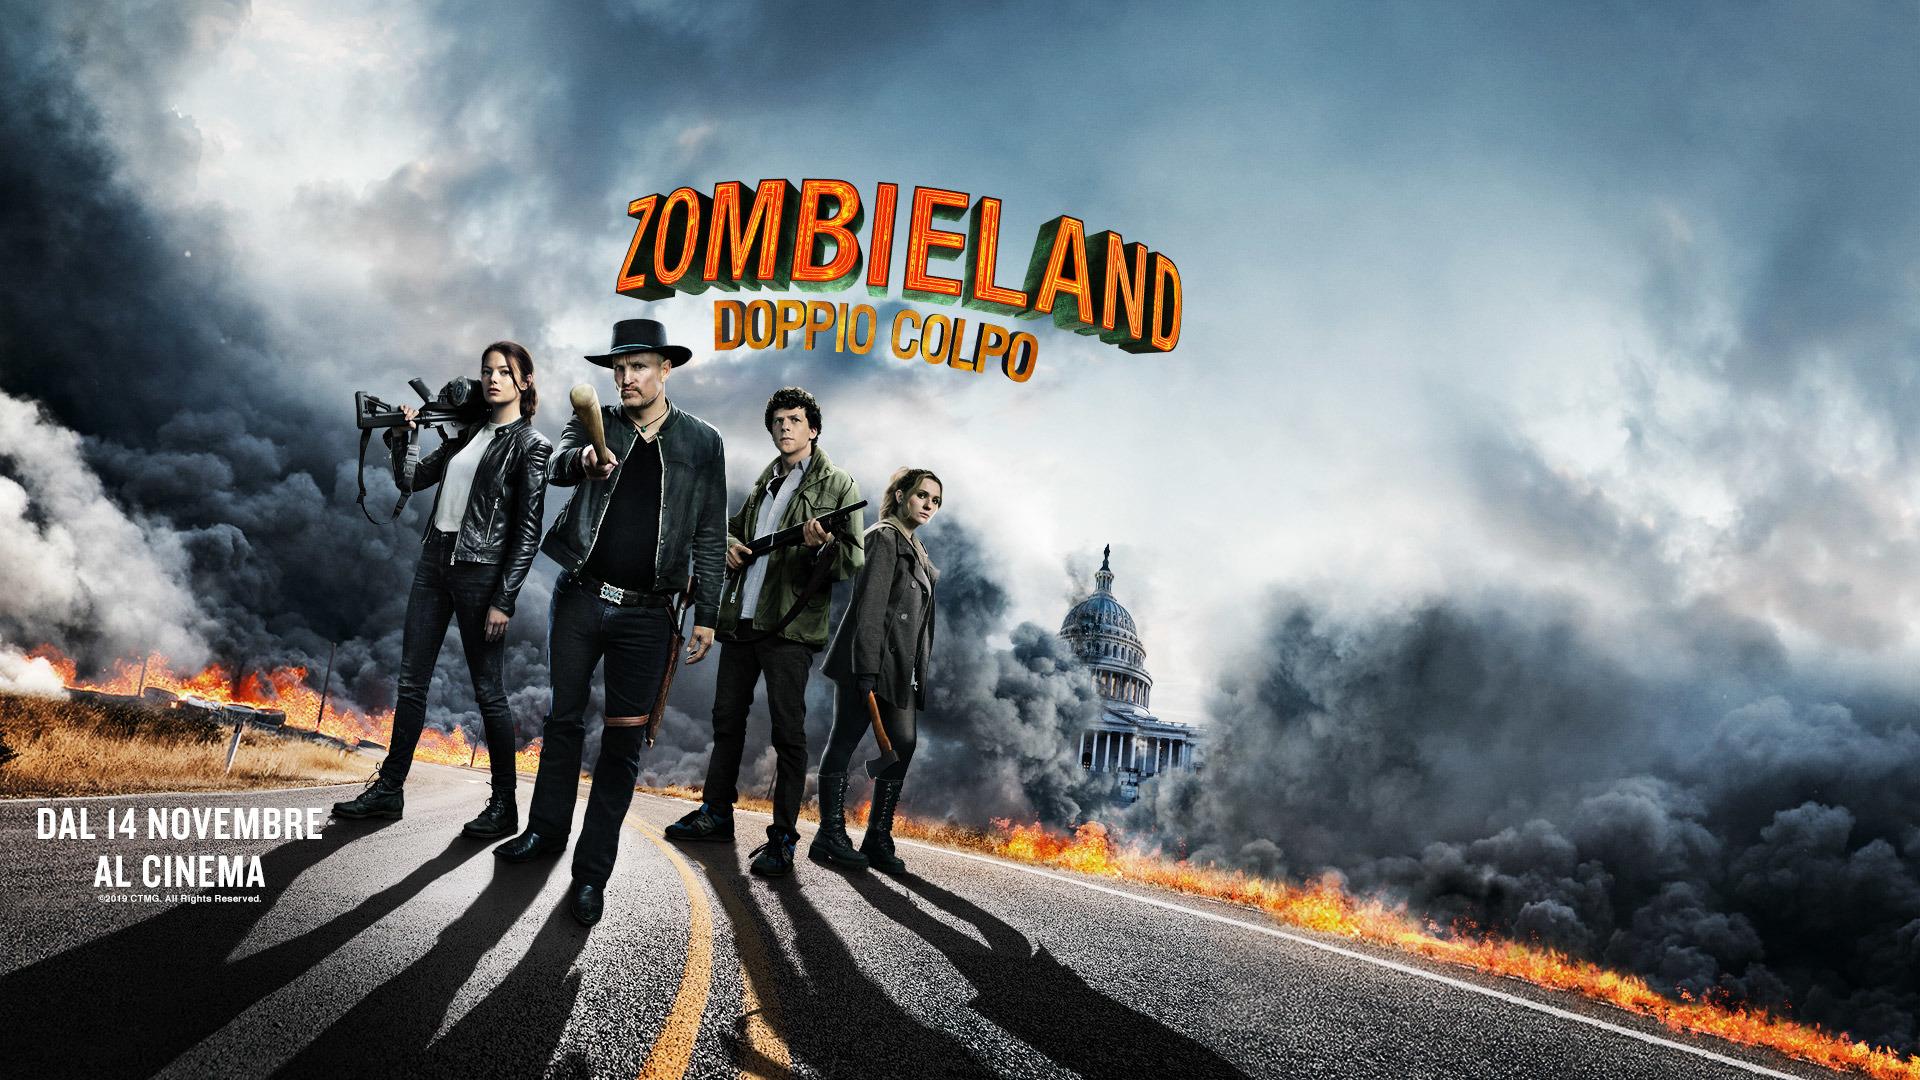 Zombieland Doppio Colpo: Ecco tutte le attività e l'anteprima a Lucca Comics & Games